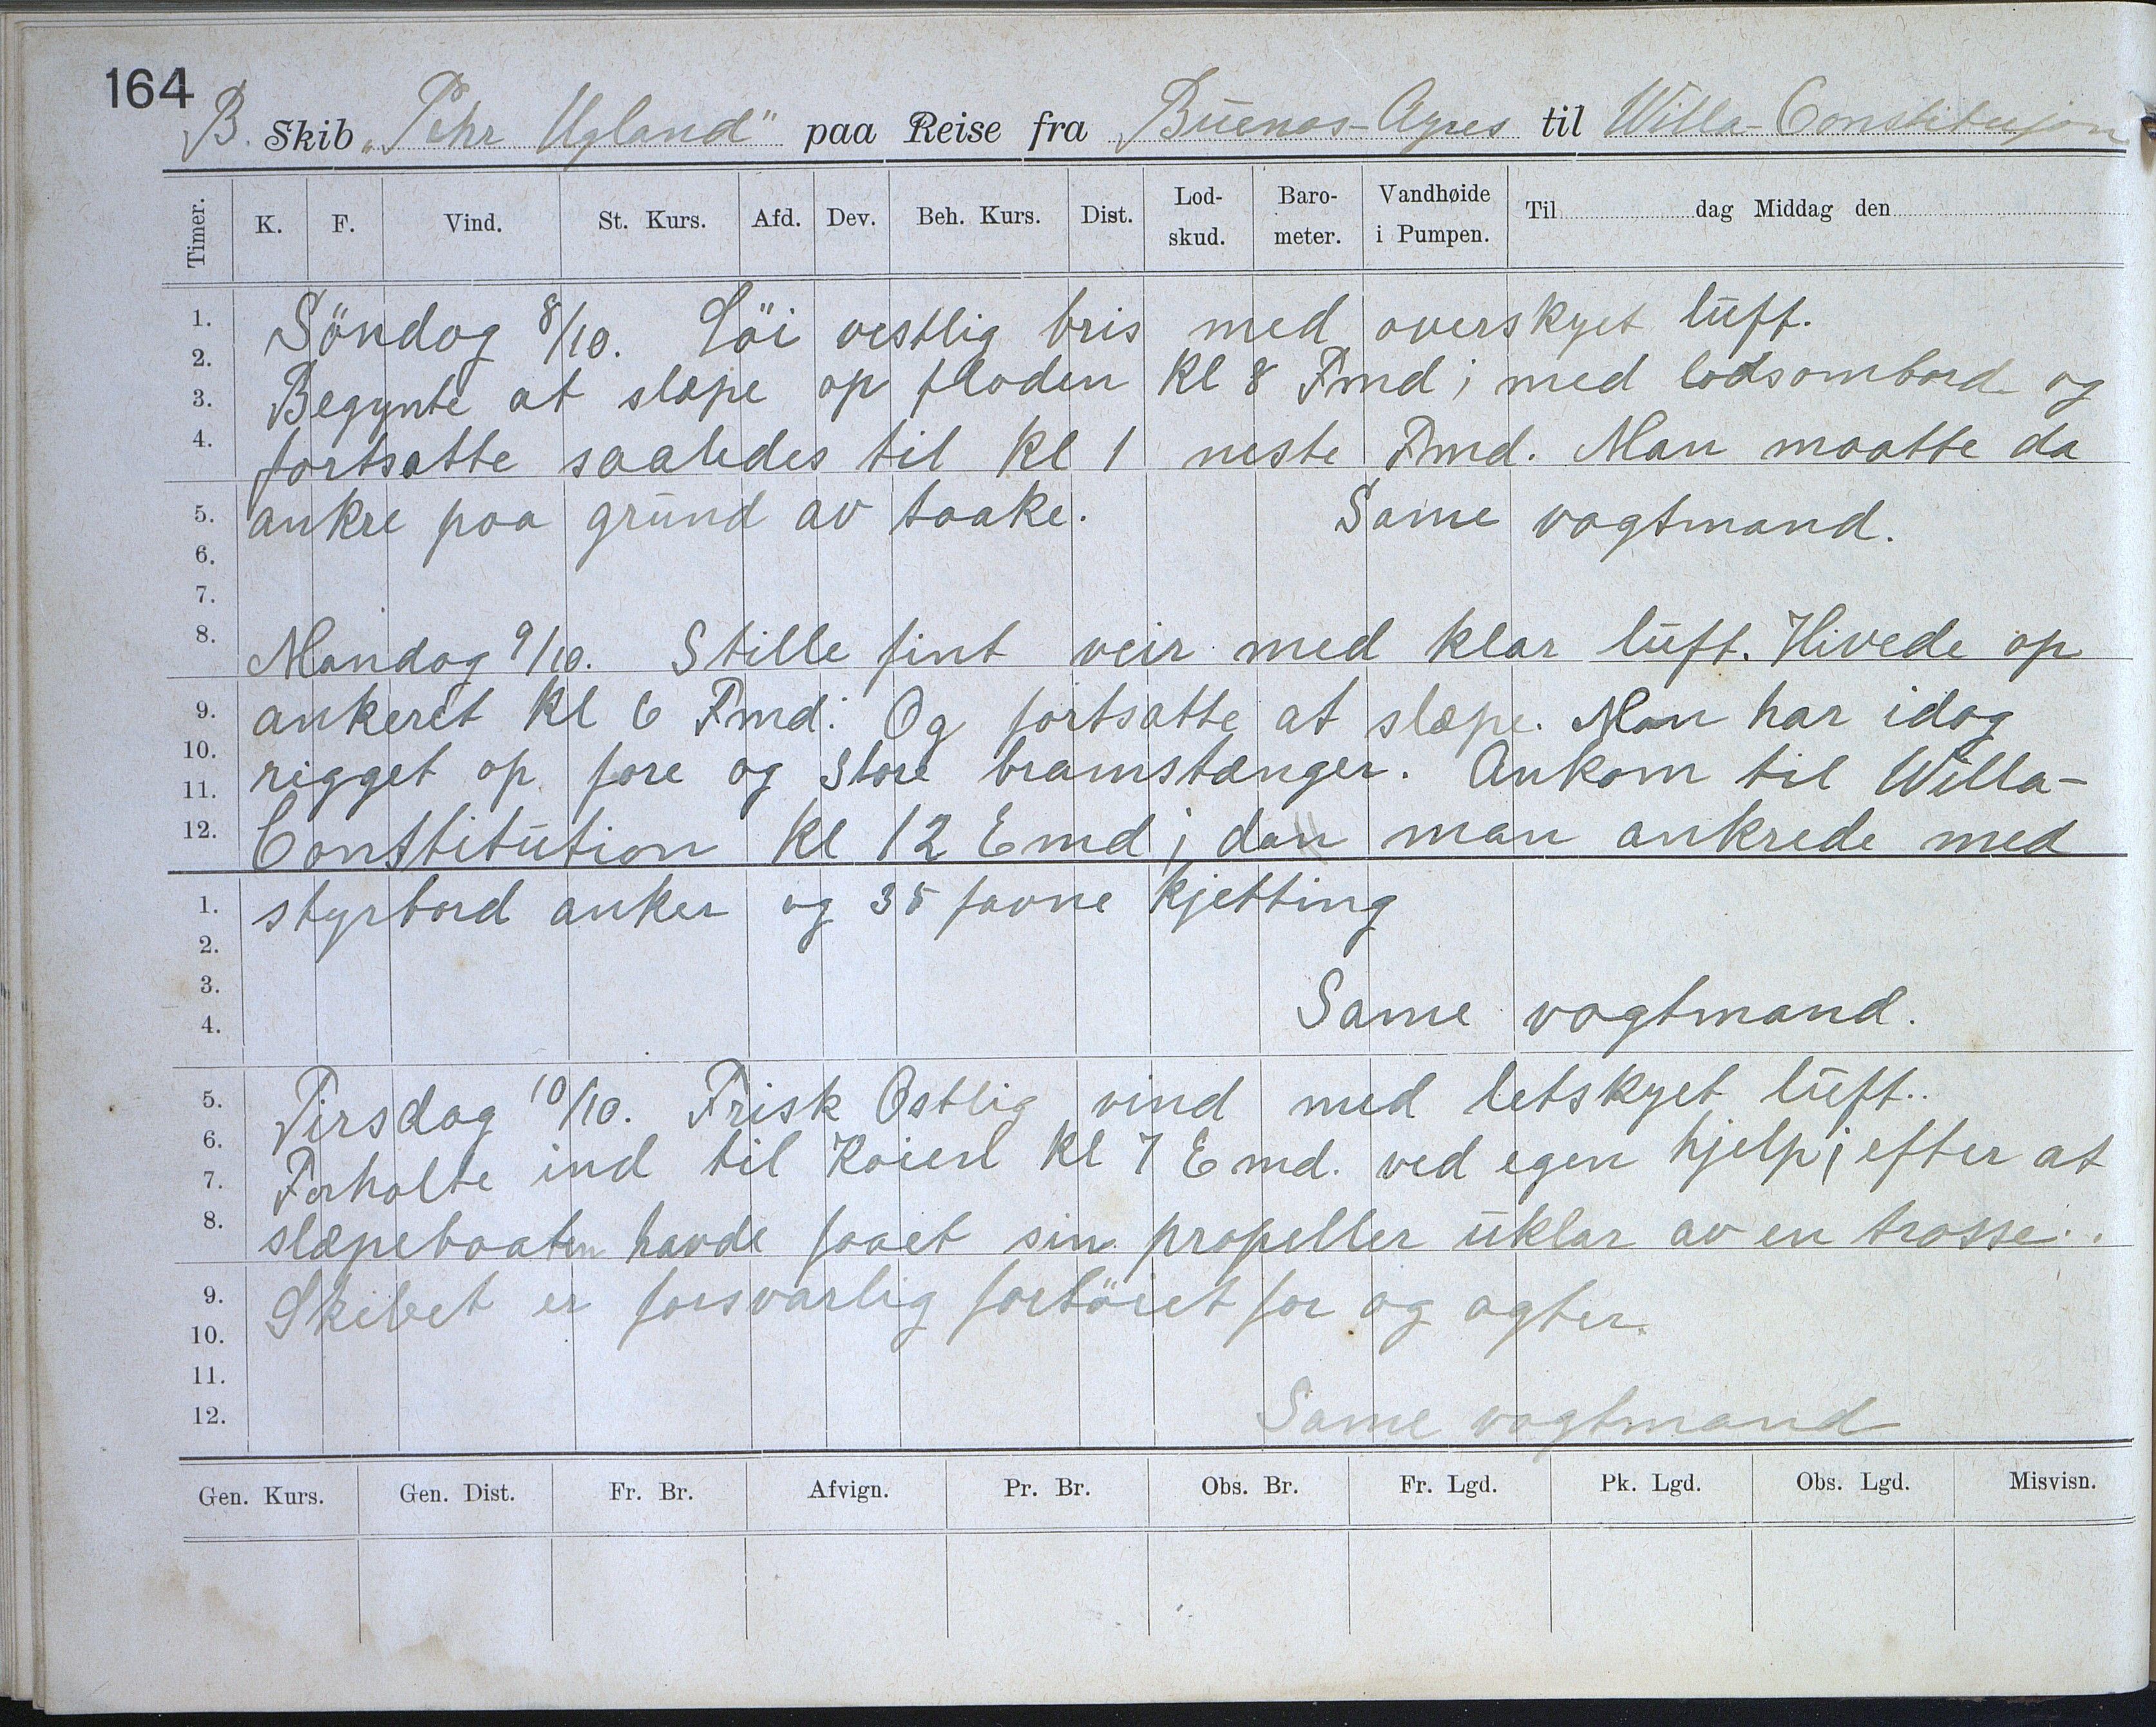 AAKS, Fartøysarkivet, F/L0272: Pehr Ugland (bark), 1891-1929, p. 164